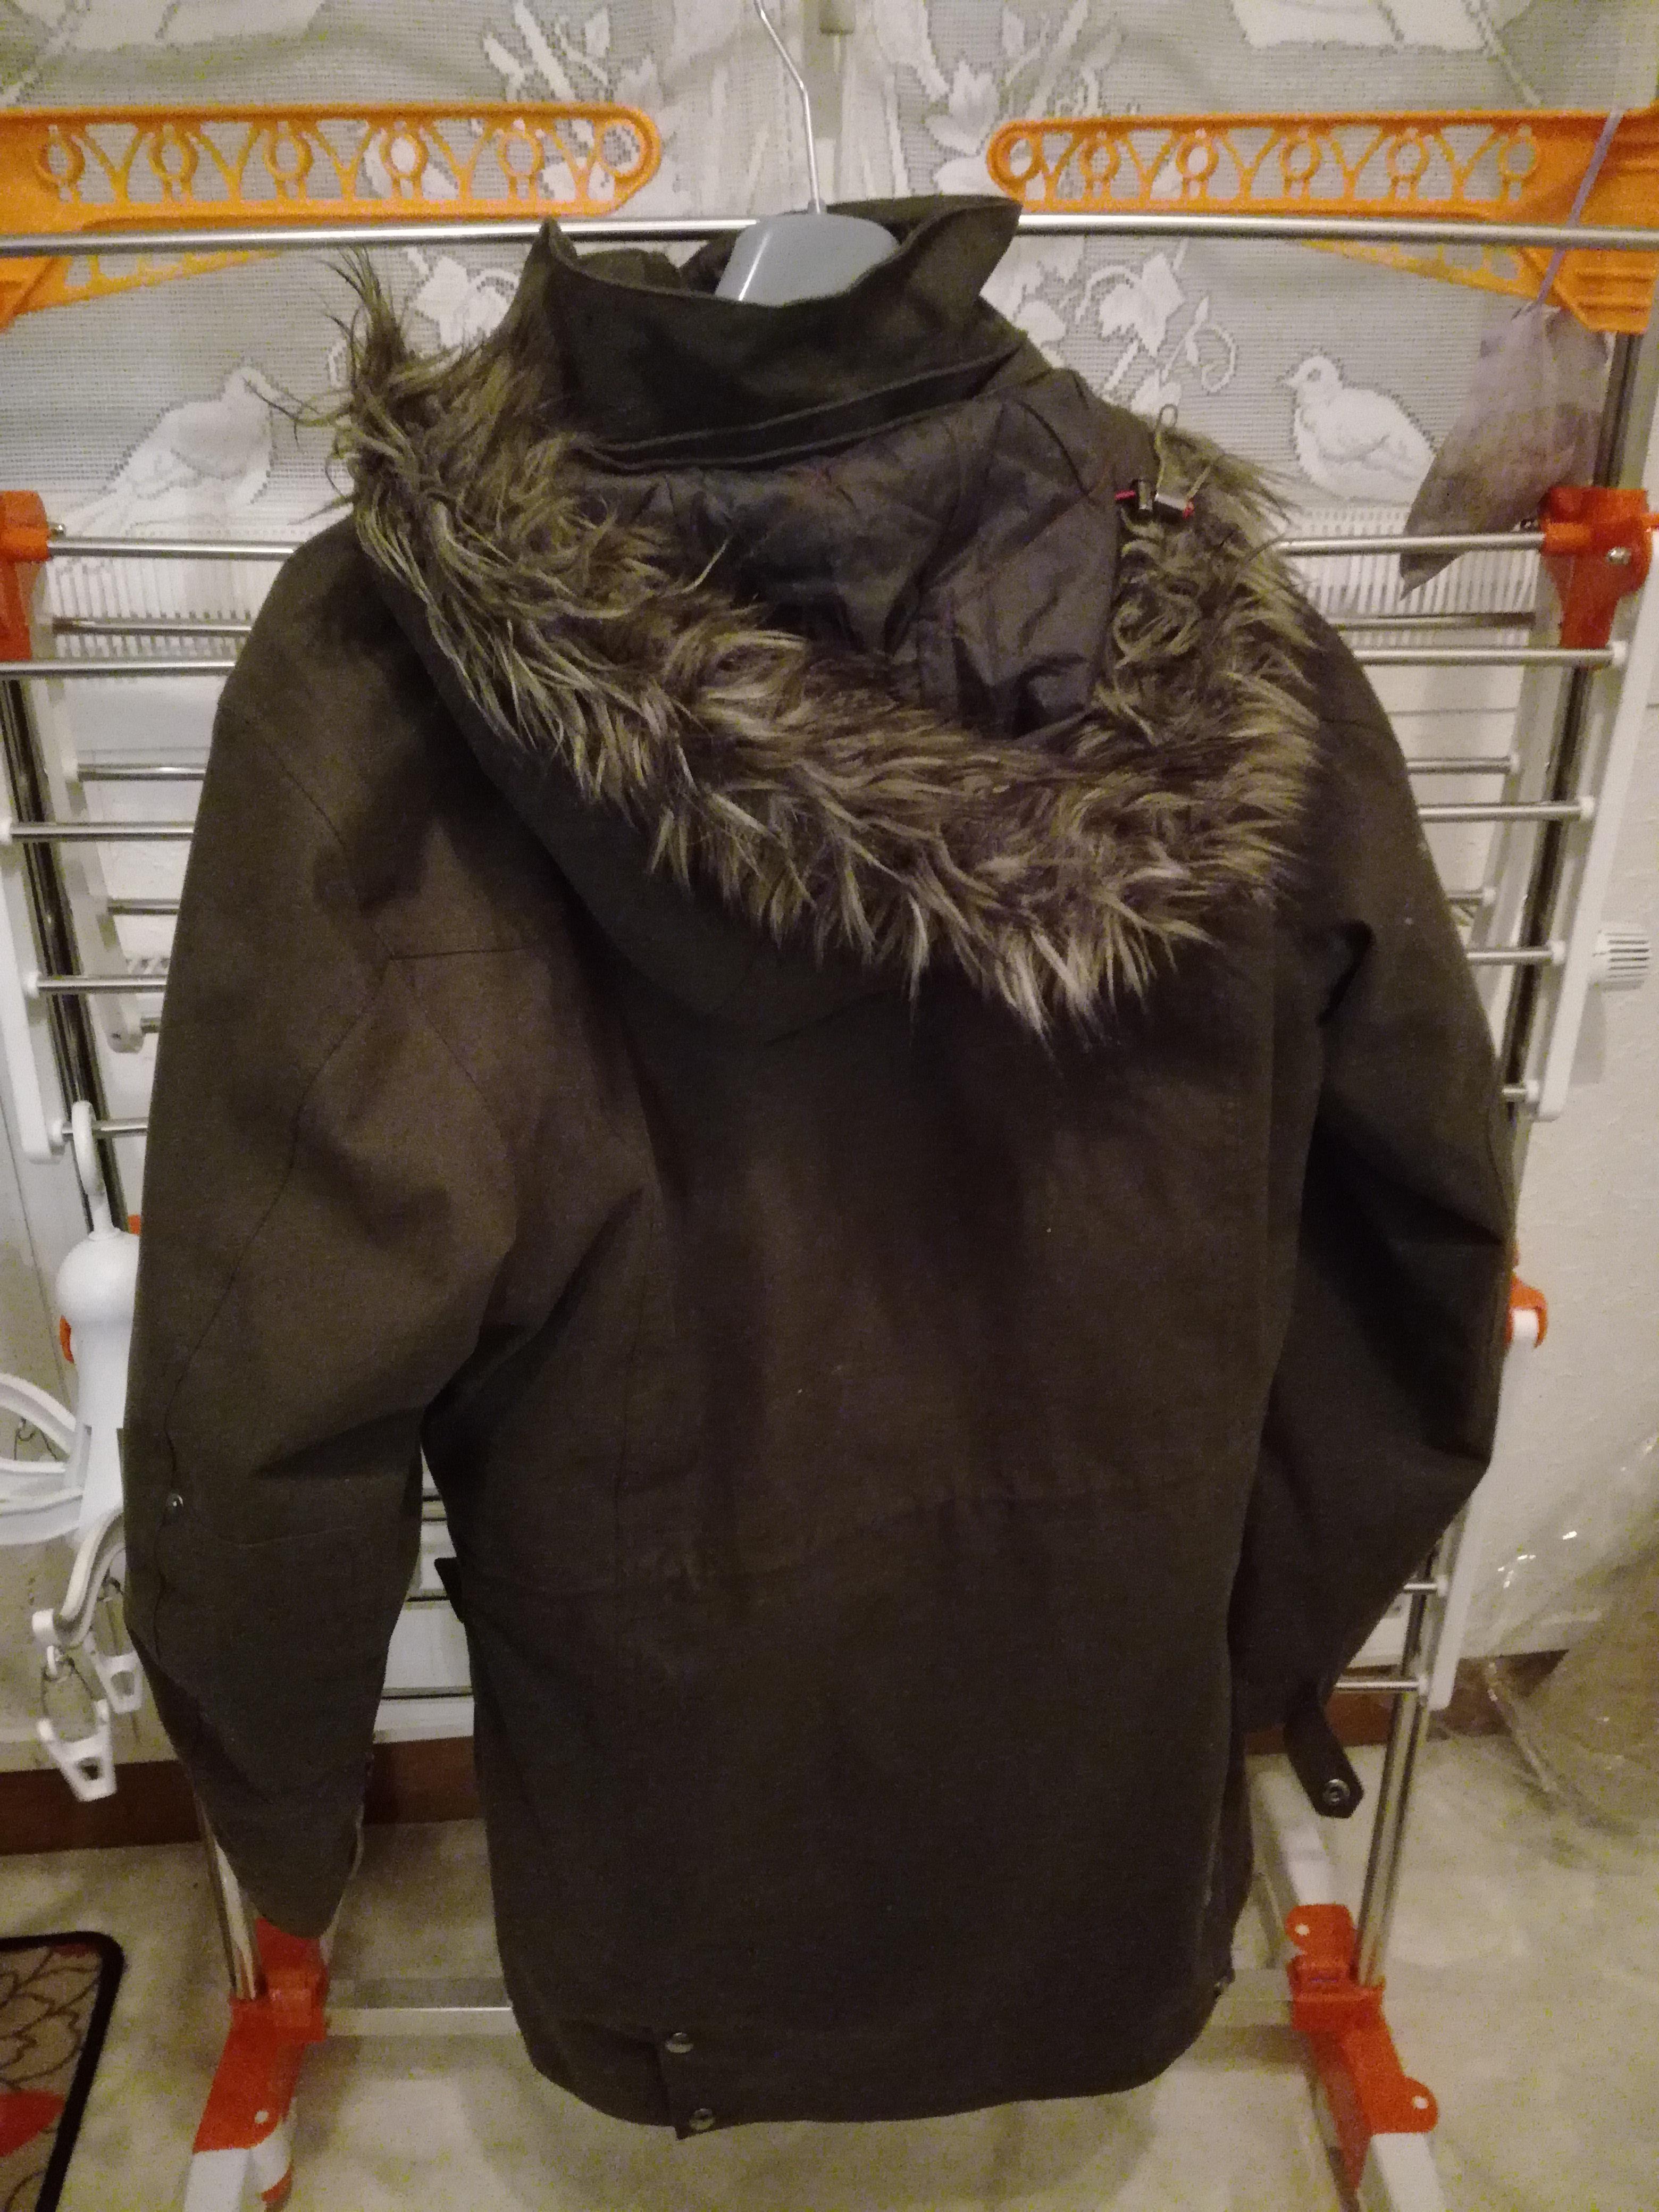 troc de troc joli manteau bien chaud pour l'hiver taille 36 assez lourd image 1